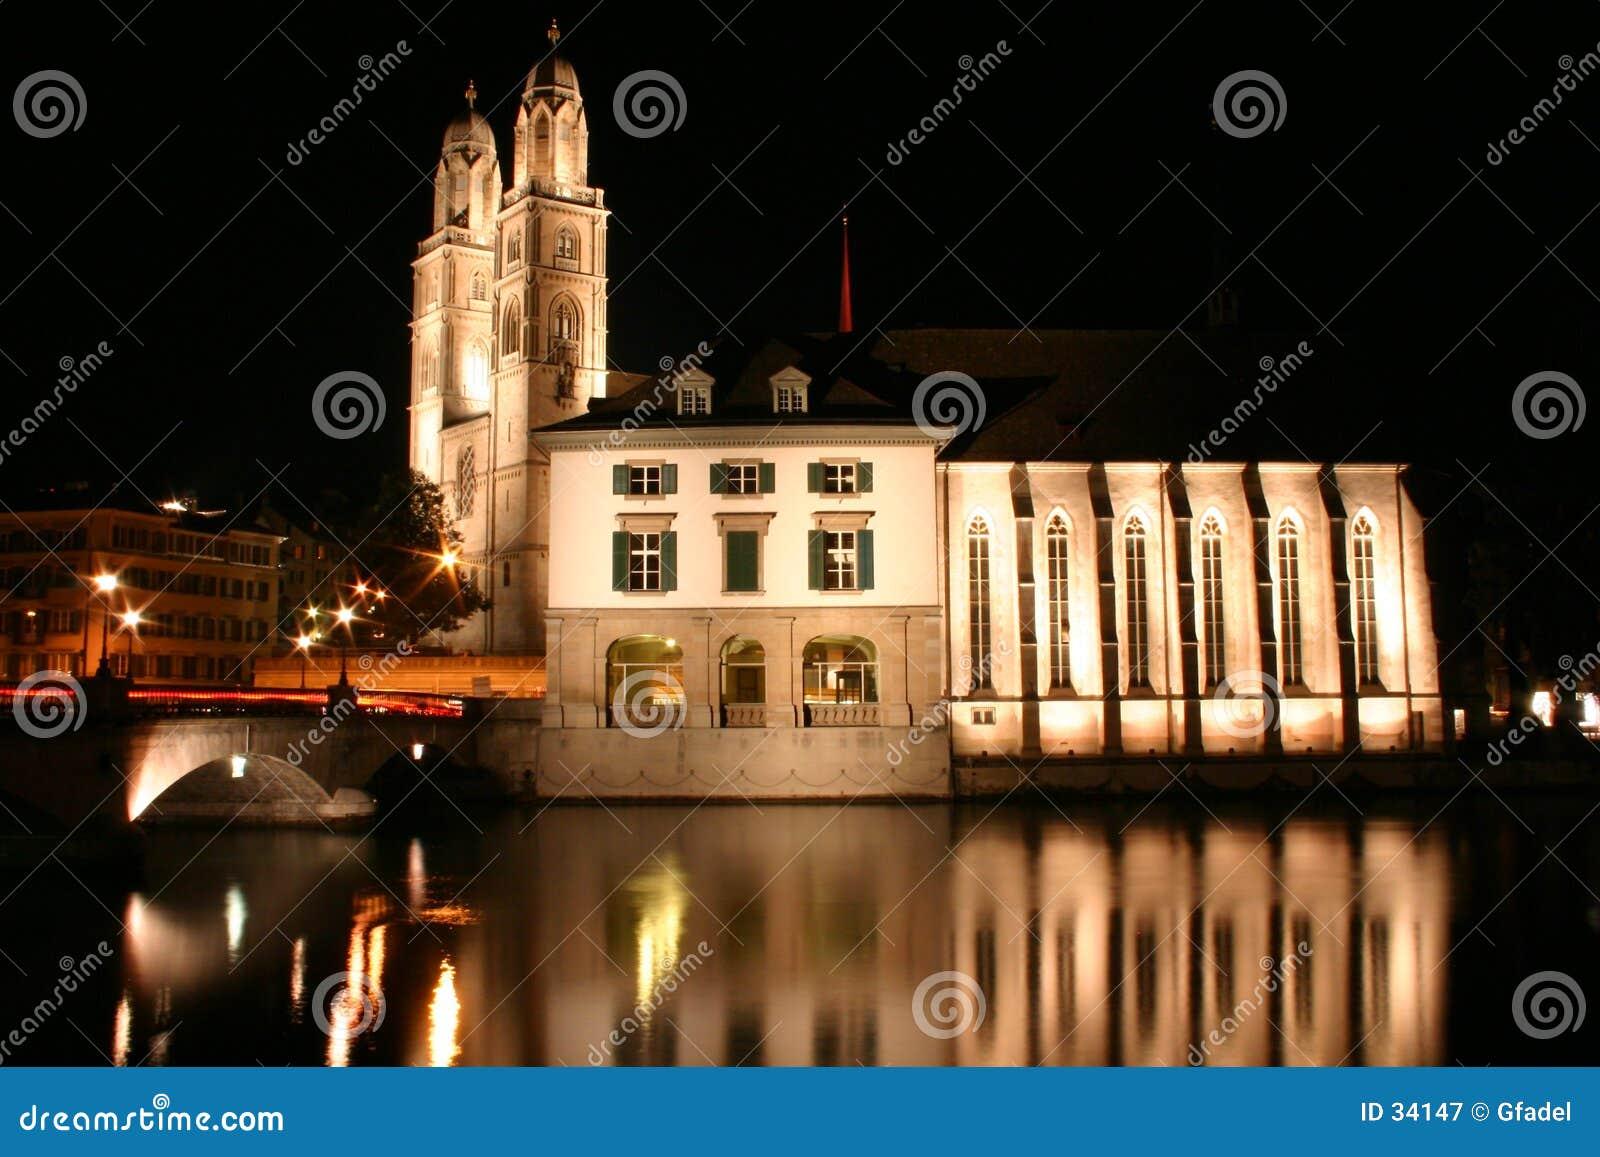 Download Zürich nachts stockbild. Bild von zürich, europa, switzerland - 34147